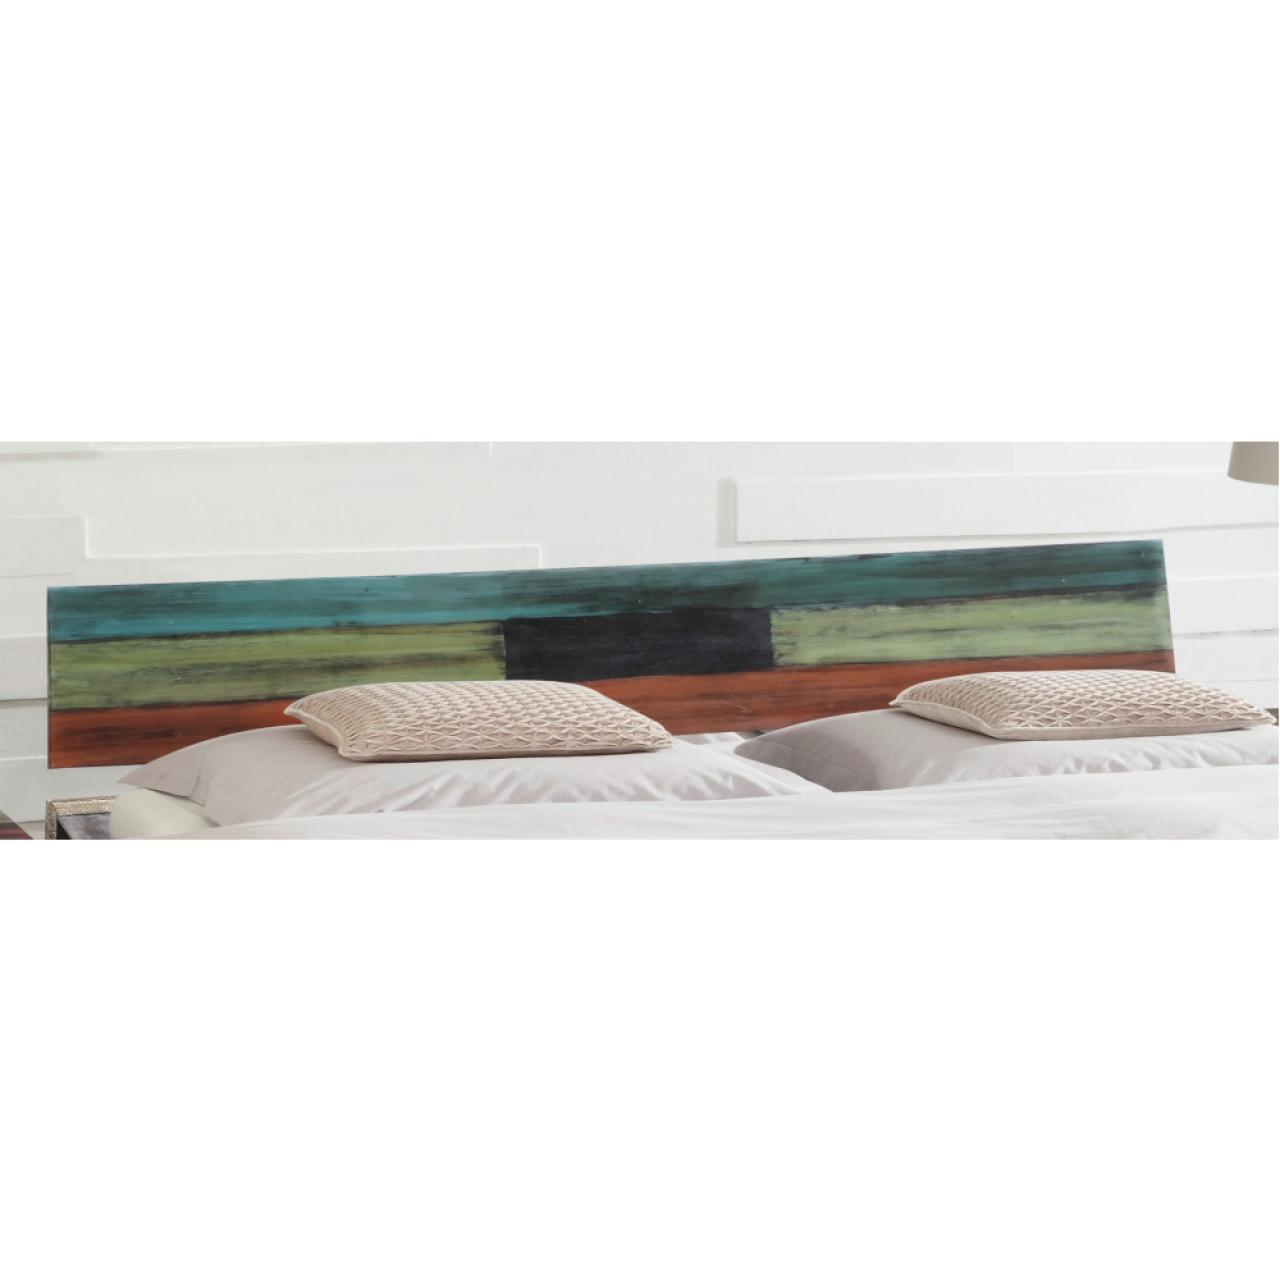 Bettgestell Goa 3565 180x200 cm